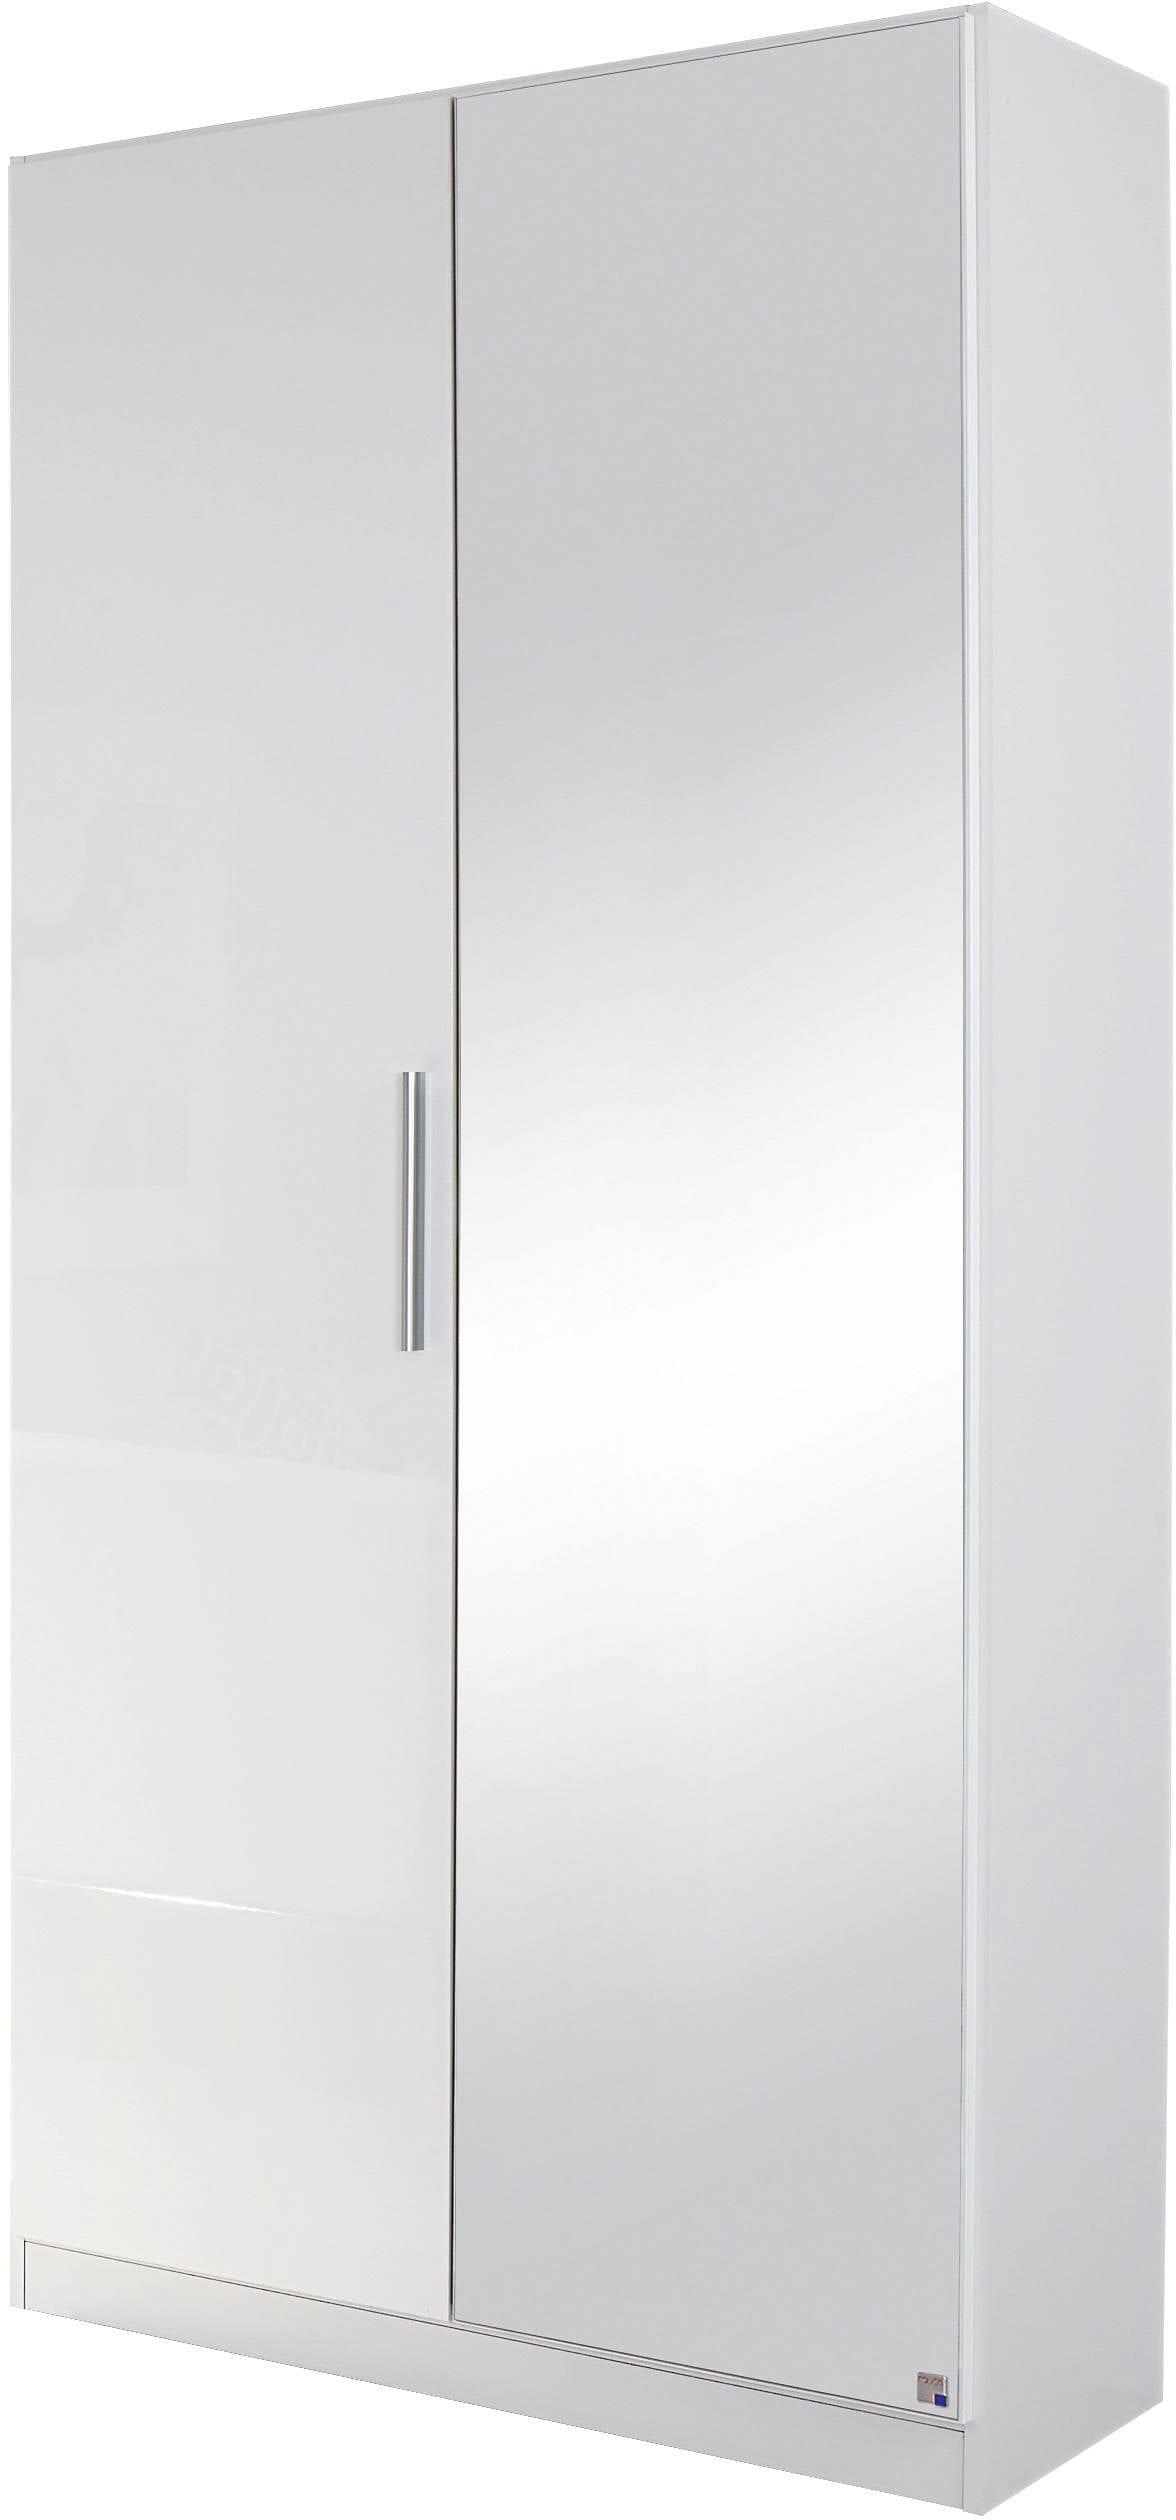 Spiegel schuhschrank preisvergleich die besten angebote for Breite golf 6 mit spiegel